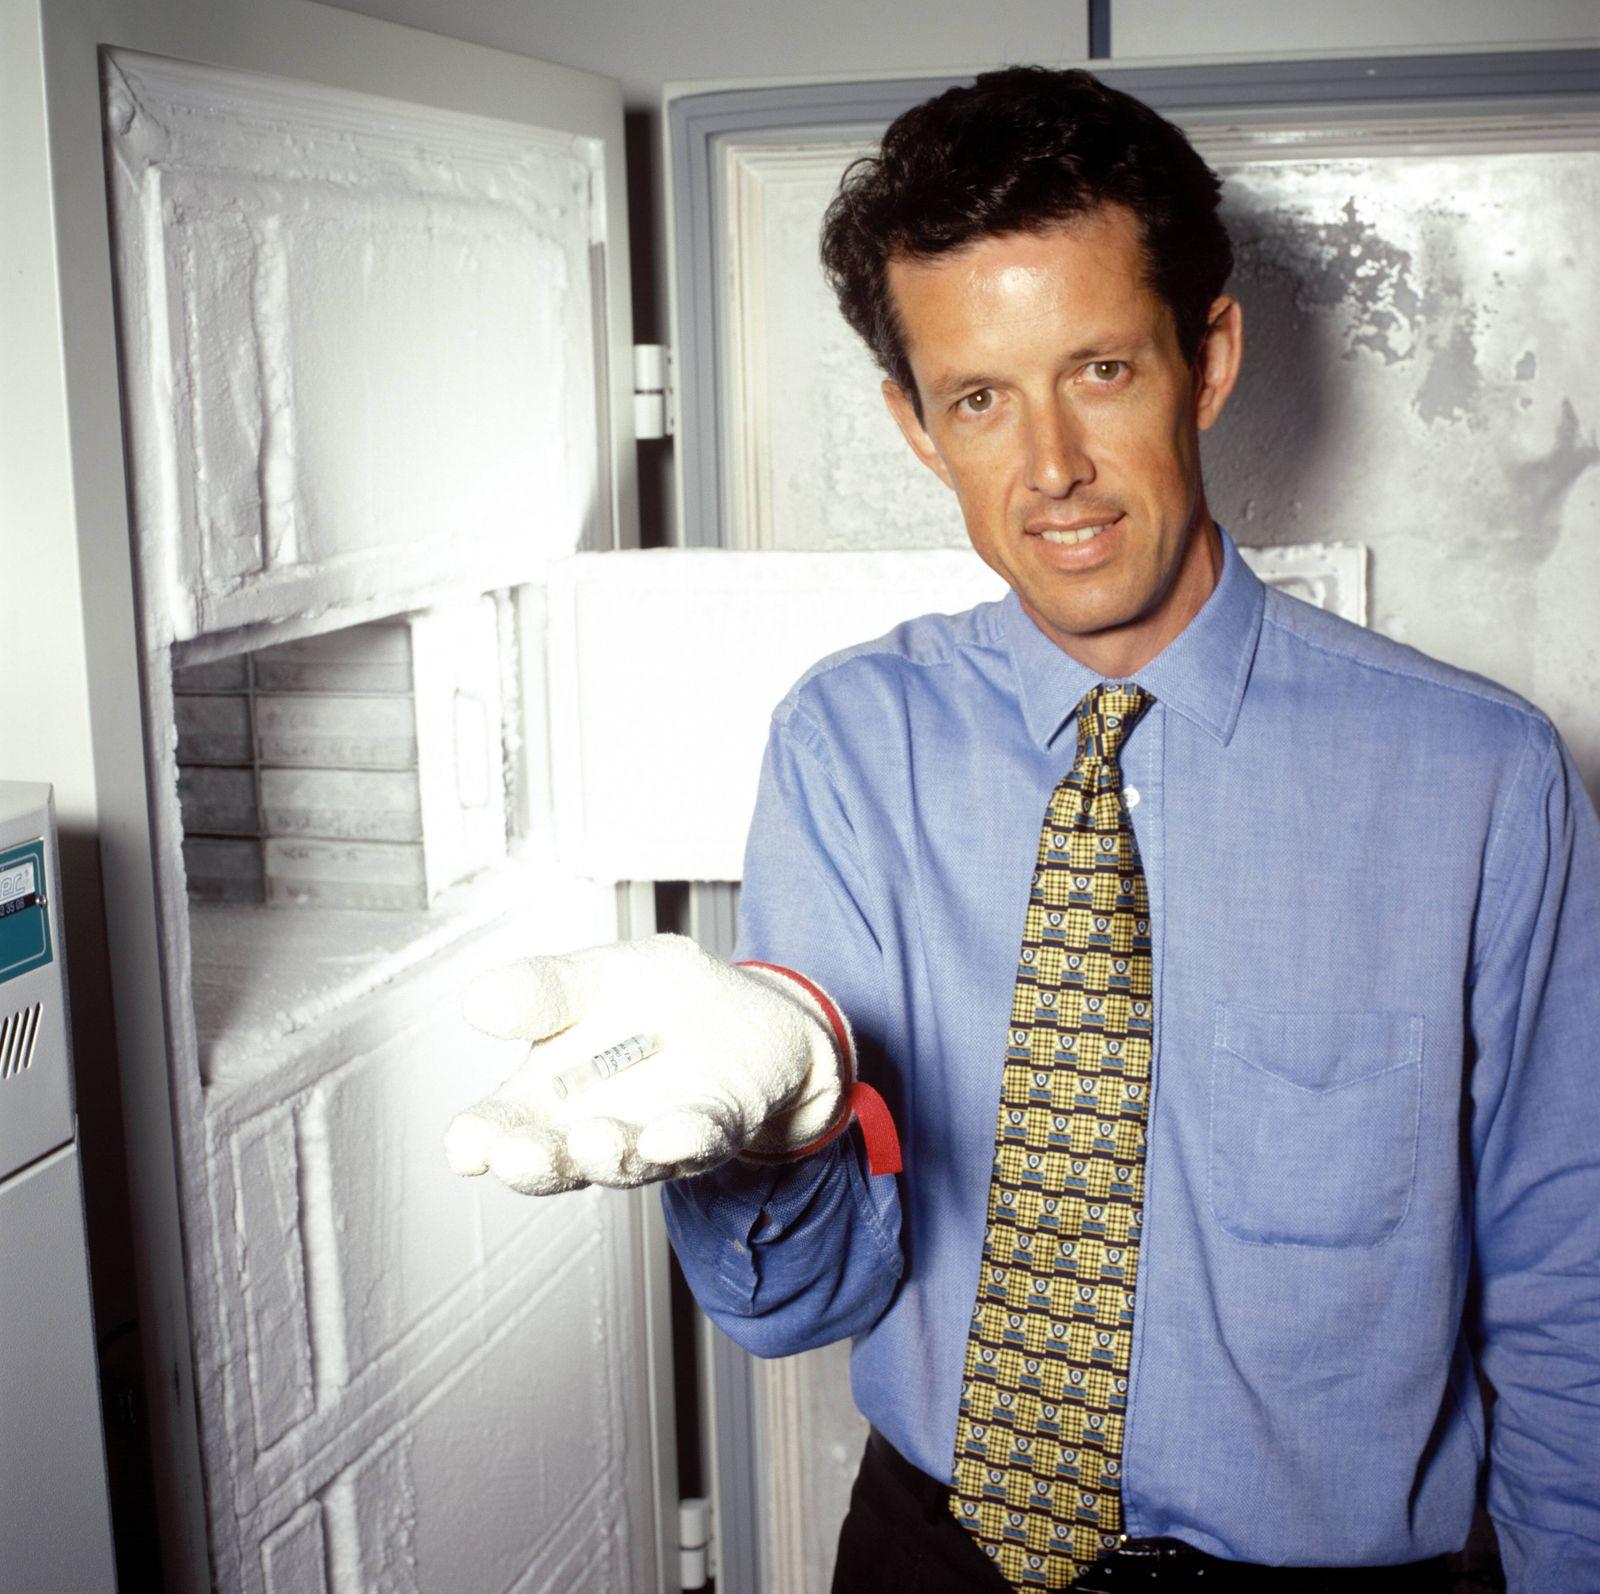 Dr. Simon Moroney